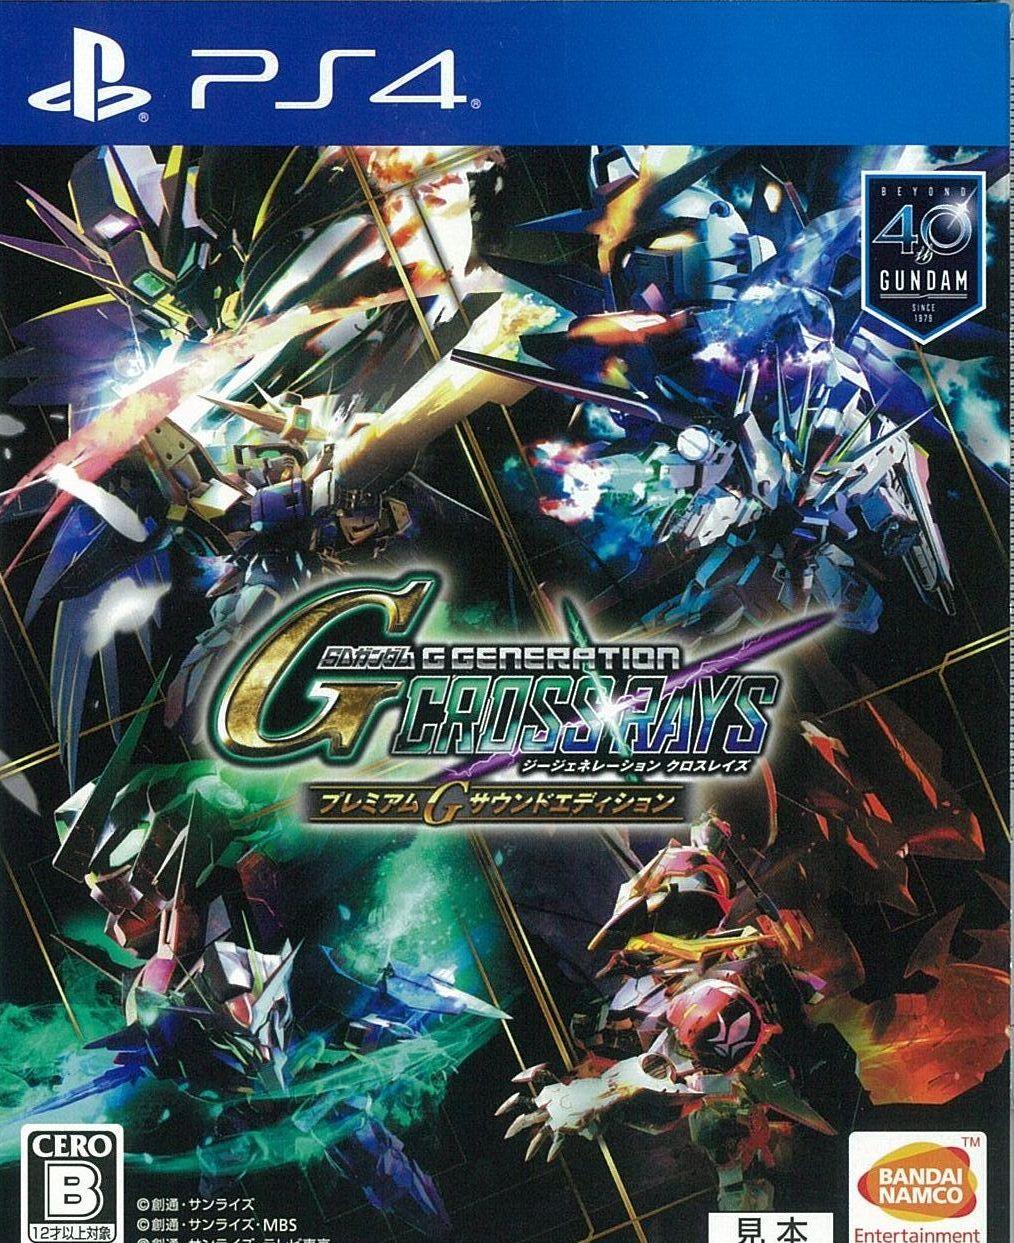 SDガンダム ジージェネレーション クロスレイズプレミアムGサウンドエディション [PS4版]